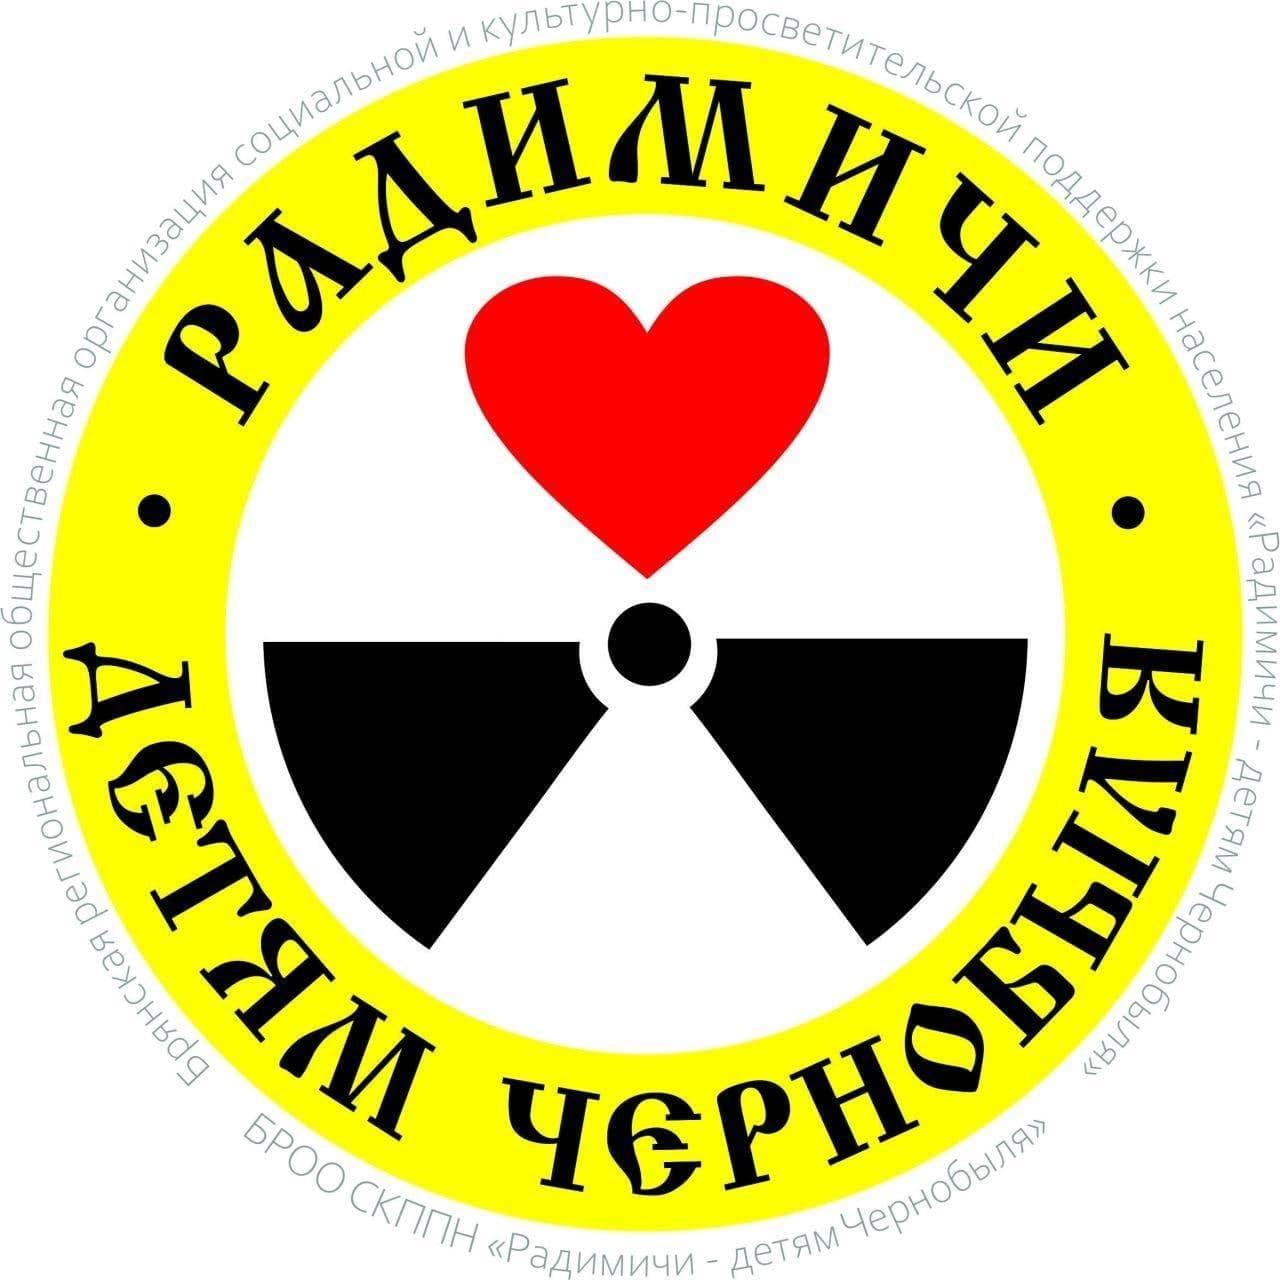 Кодекс волонтера добровольческой службы «Радимичи»